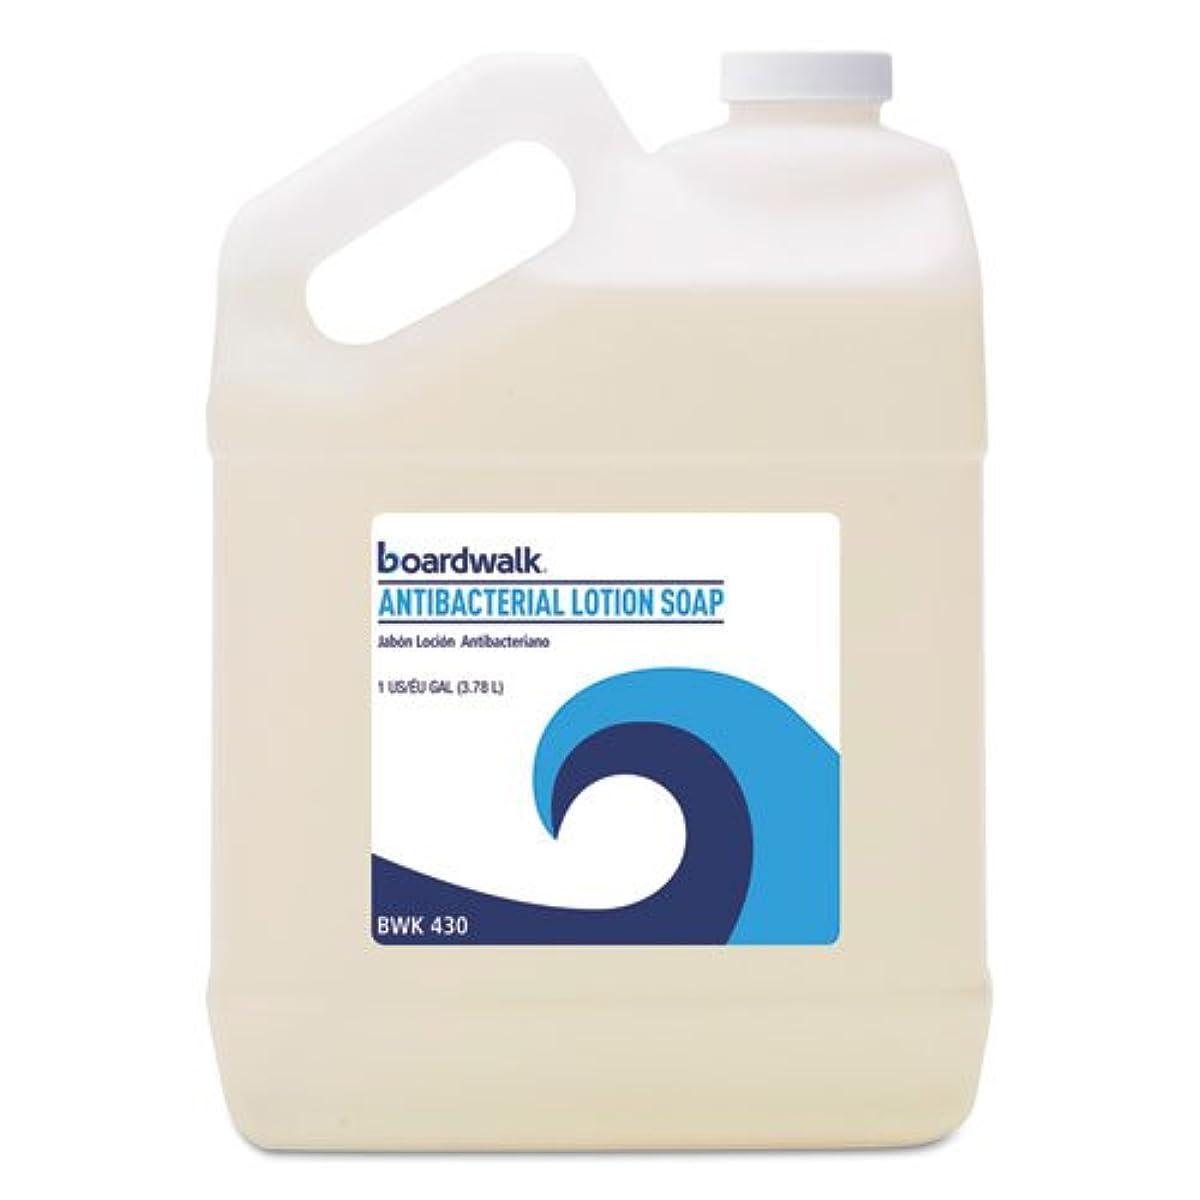 魅力的いじめっ子フラフープBoardwalk 抗菌液体石鹸 フローラルバルサム 1ガロンボトル